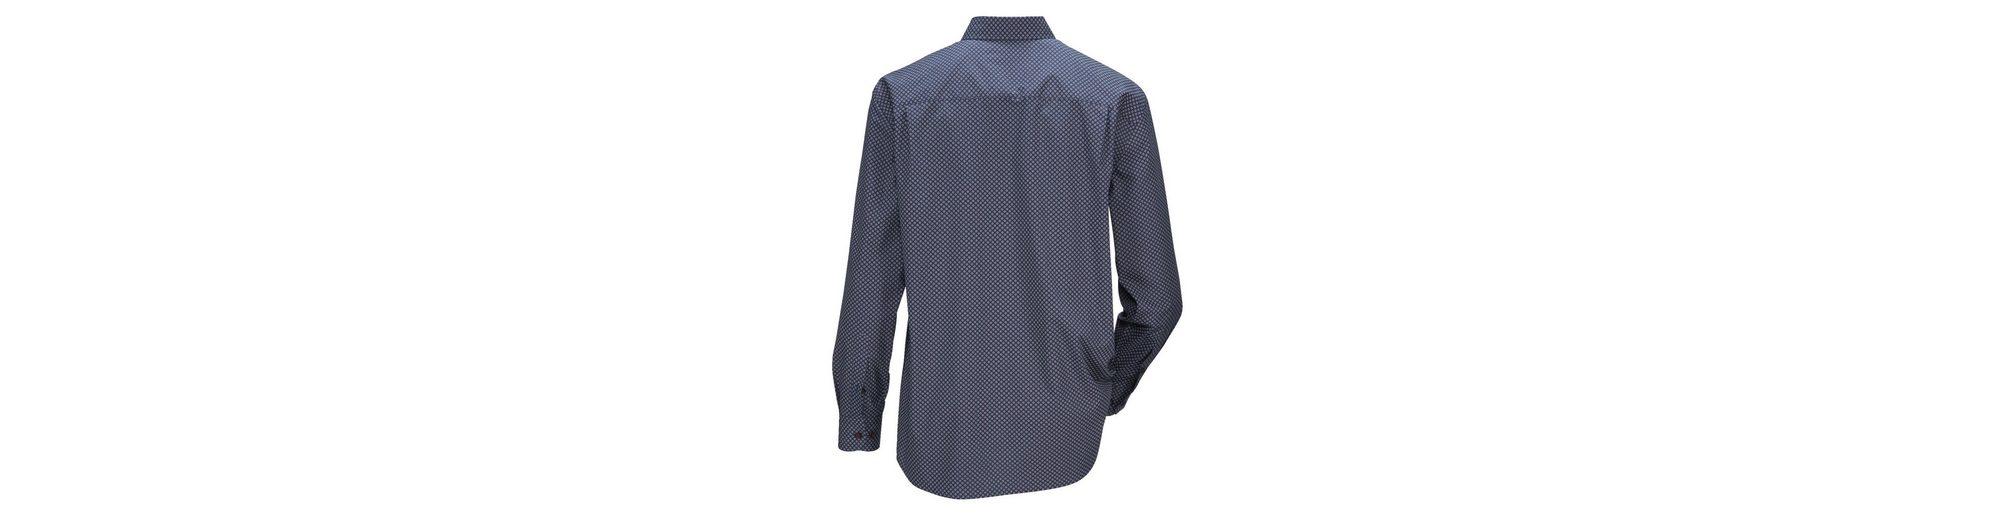 Auslass Bestseller Babista Hemd mit Minidessin Günstig Kaufen Für Schön Ansehen Günstig Online Amazon Kaufen loDXNt